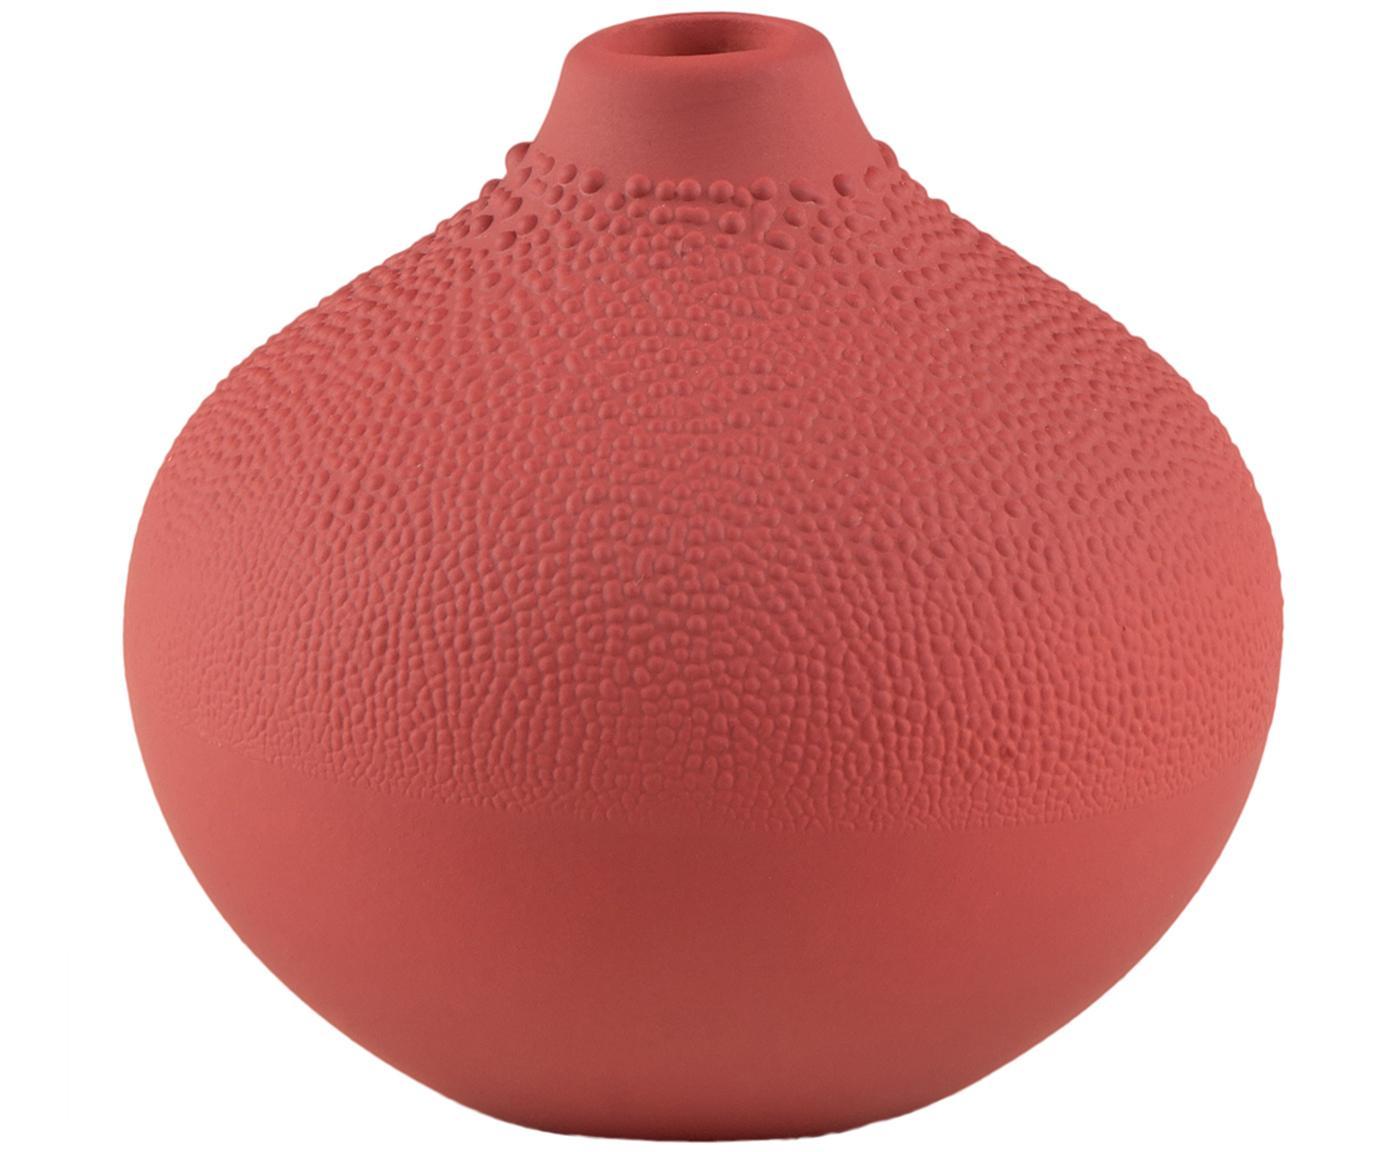 Mały wazon z porcelany Design, Porcelana, Rudy, Ø 7 x W 7 cm